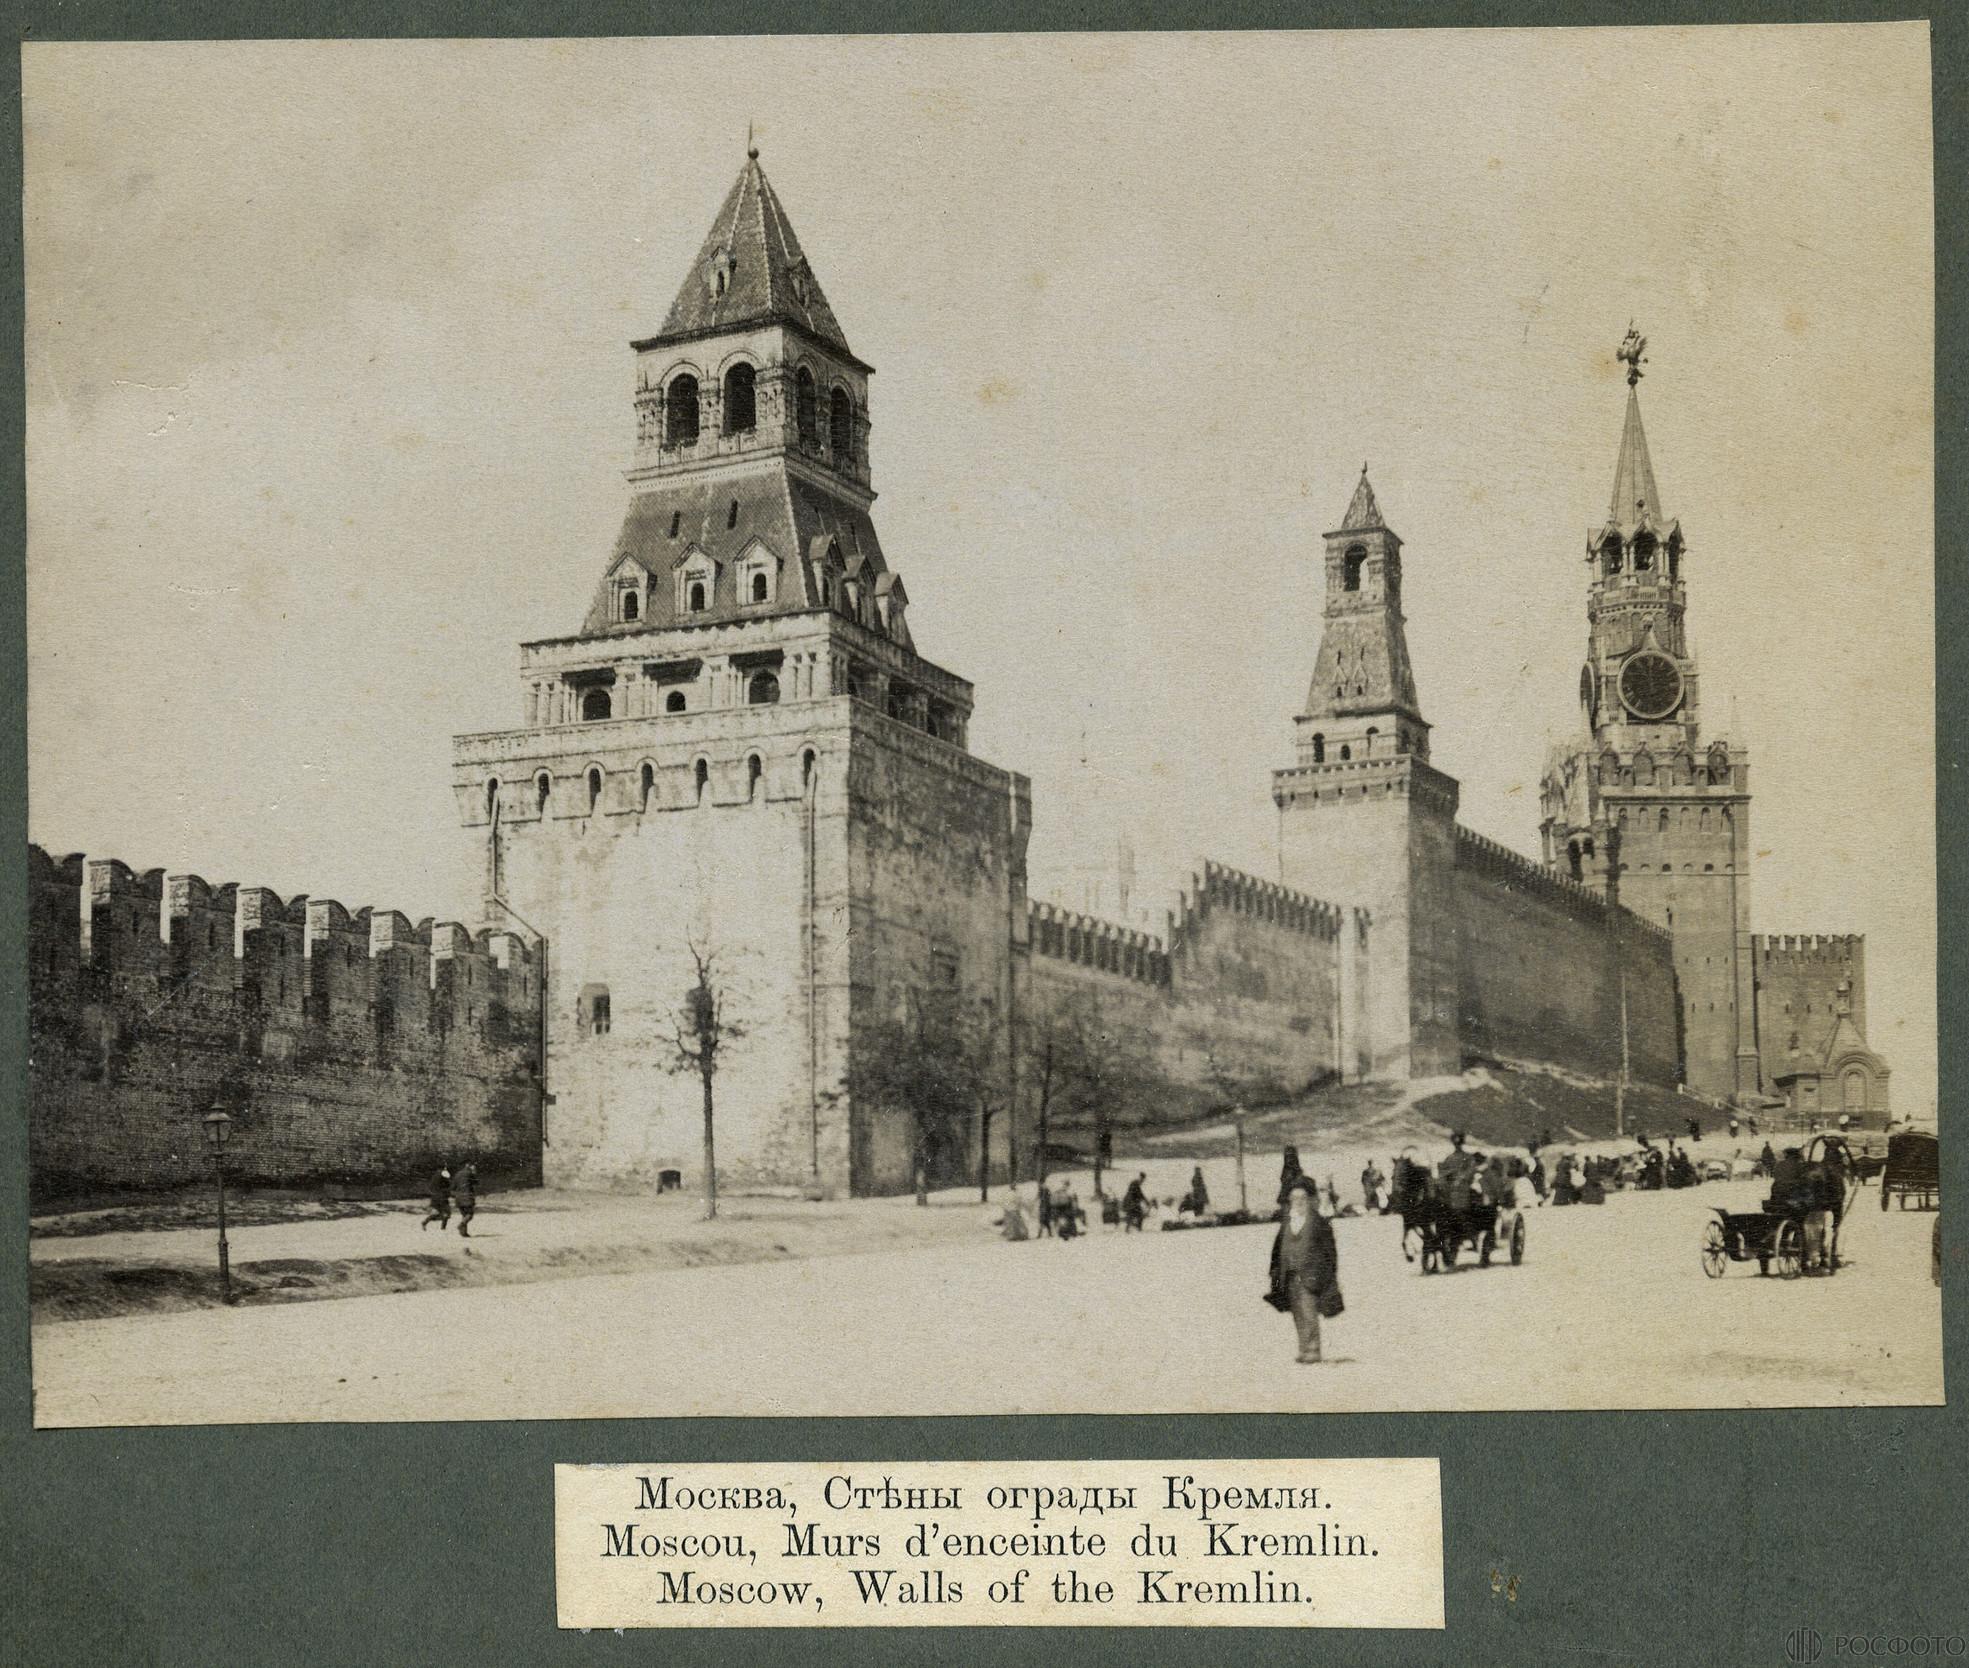 Вид на Константино-Еленинскую, Набатную, Царскую и Спасскую башню Кремля.